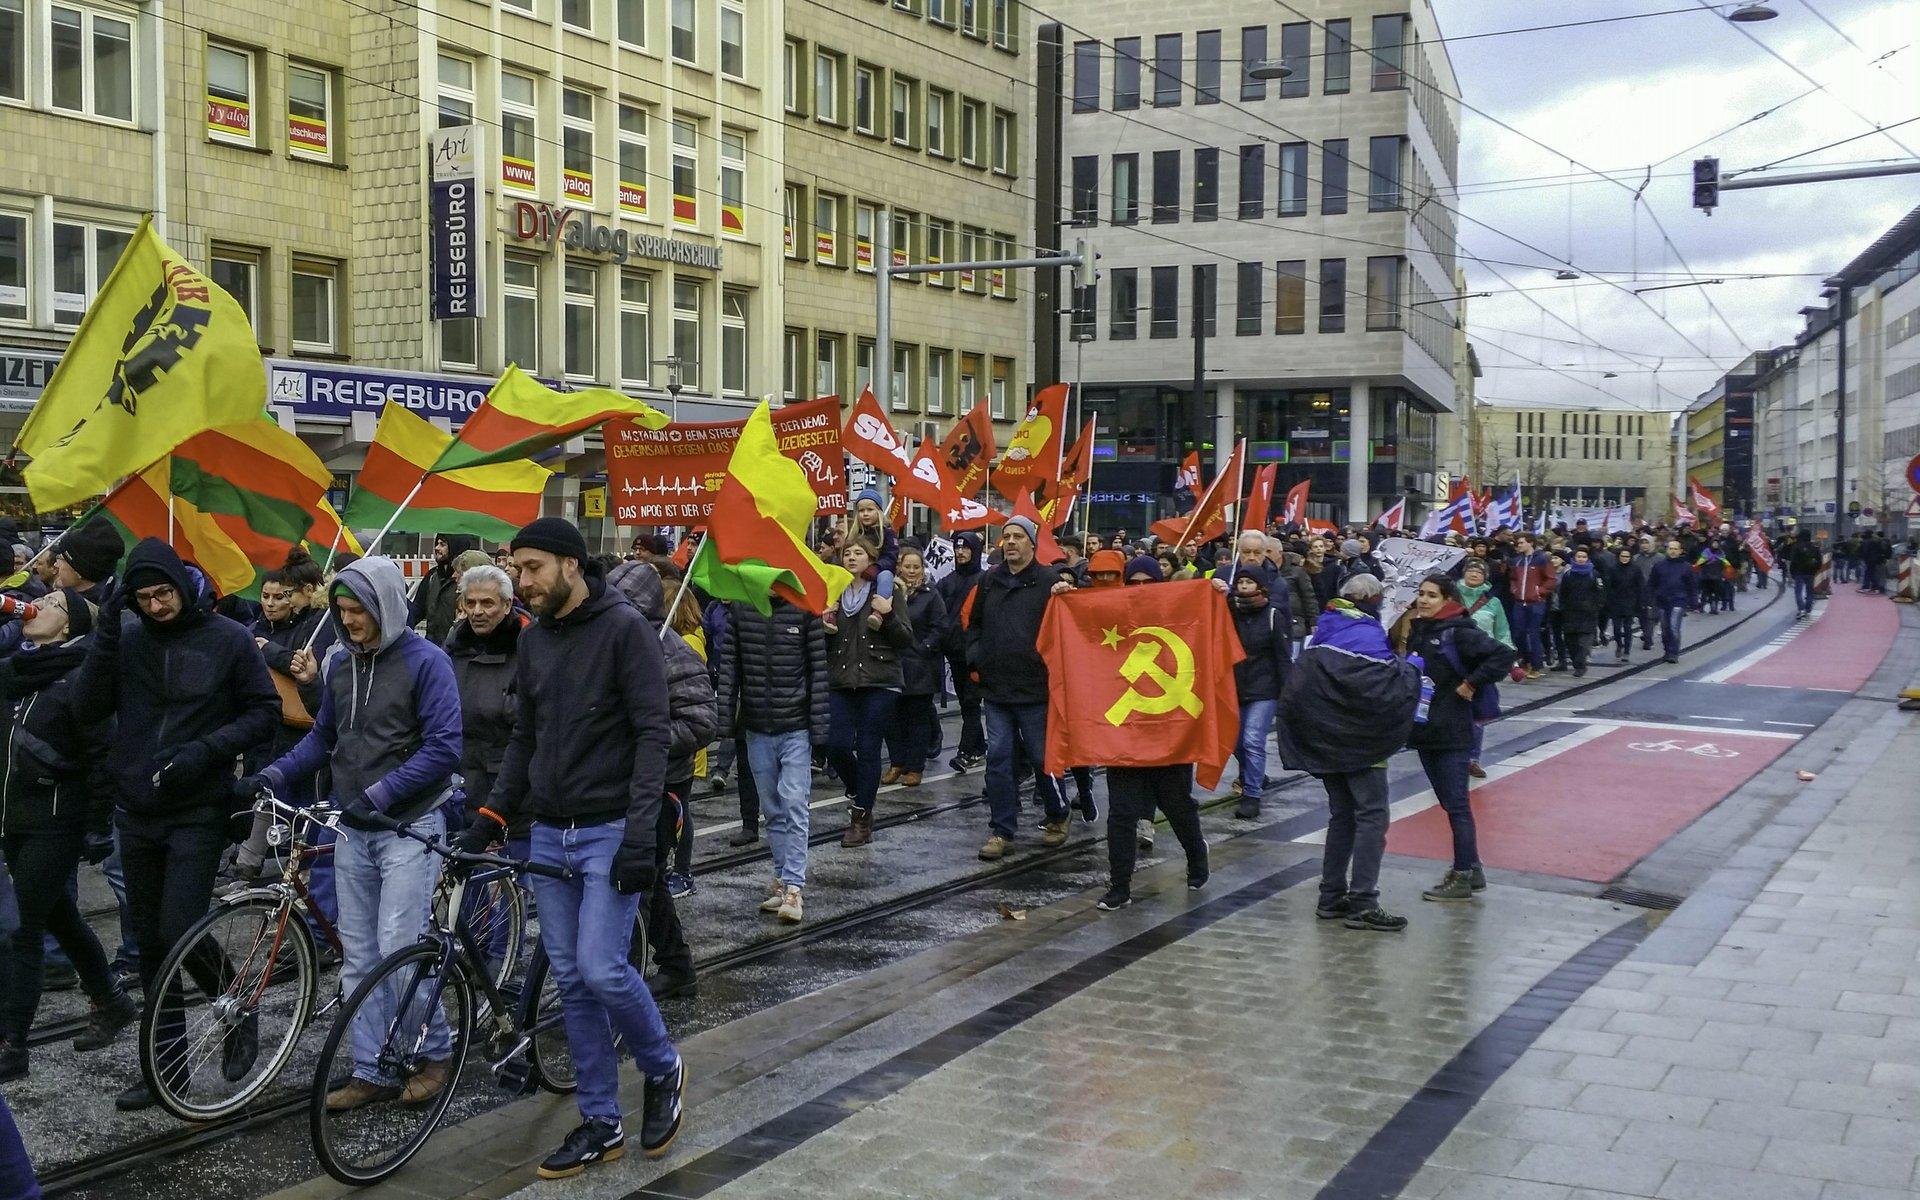 Demozug in der Kurt-Schumacher-Straße